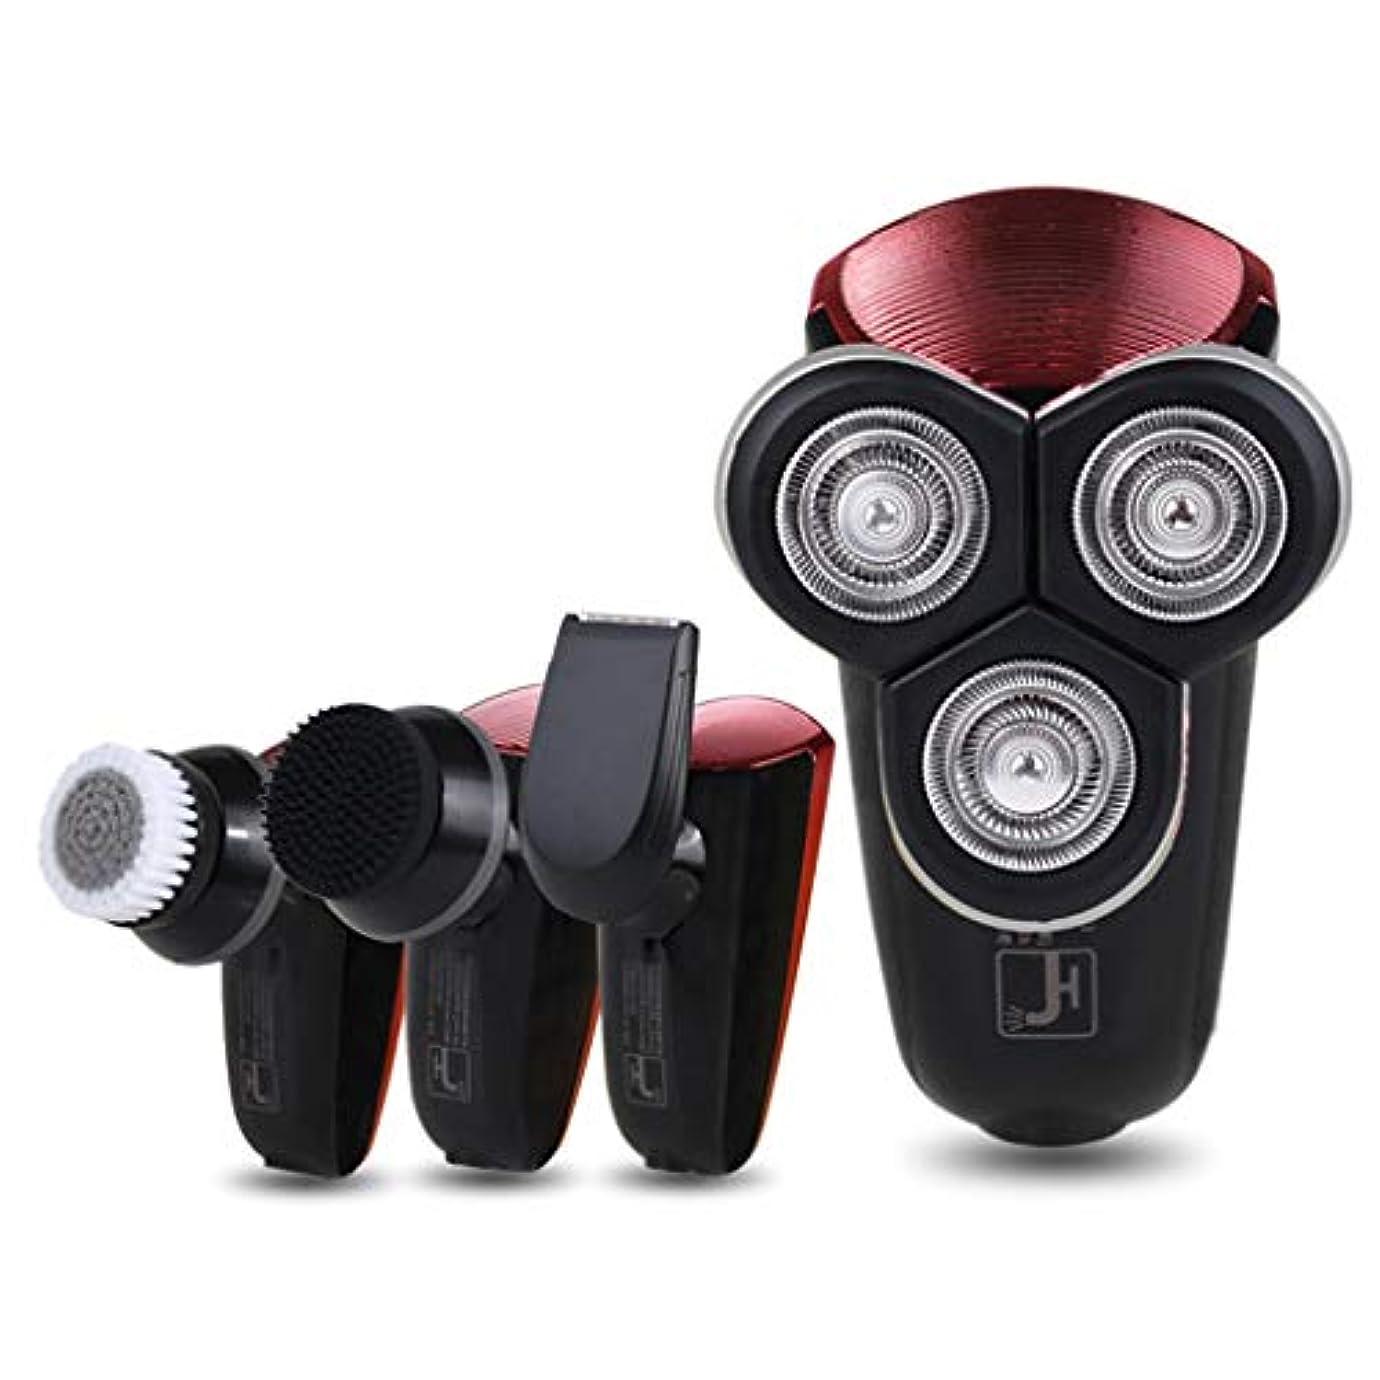 ストレンジャー現実的駅コードレスカミソリ、多機能メンズコードレスビアードトリマー/ヘアカット/クレンジング/コーナートリム、ギフト